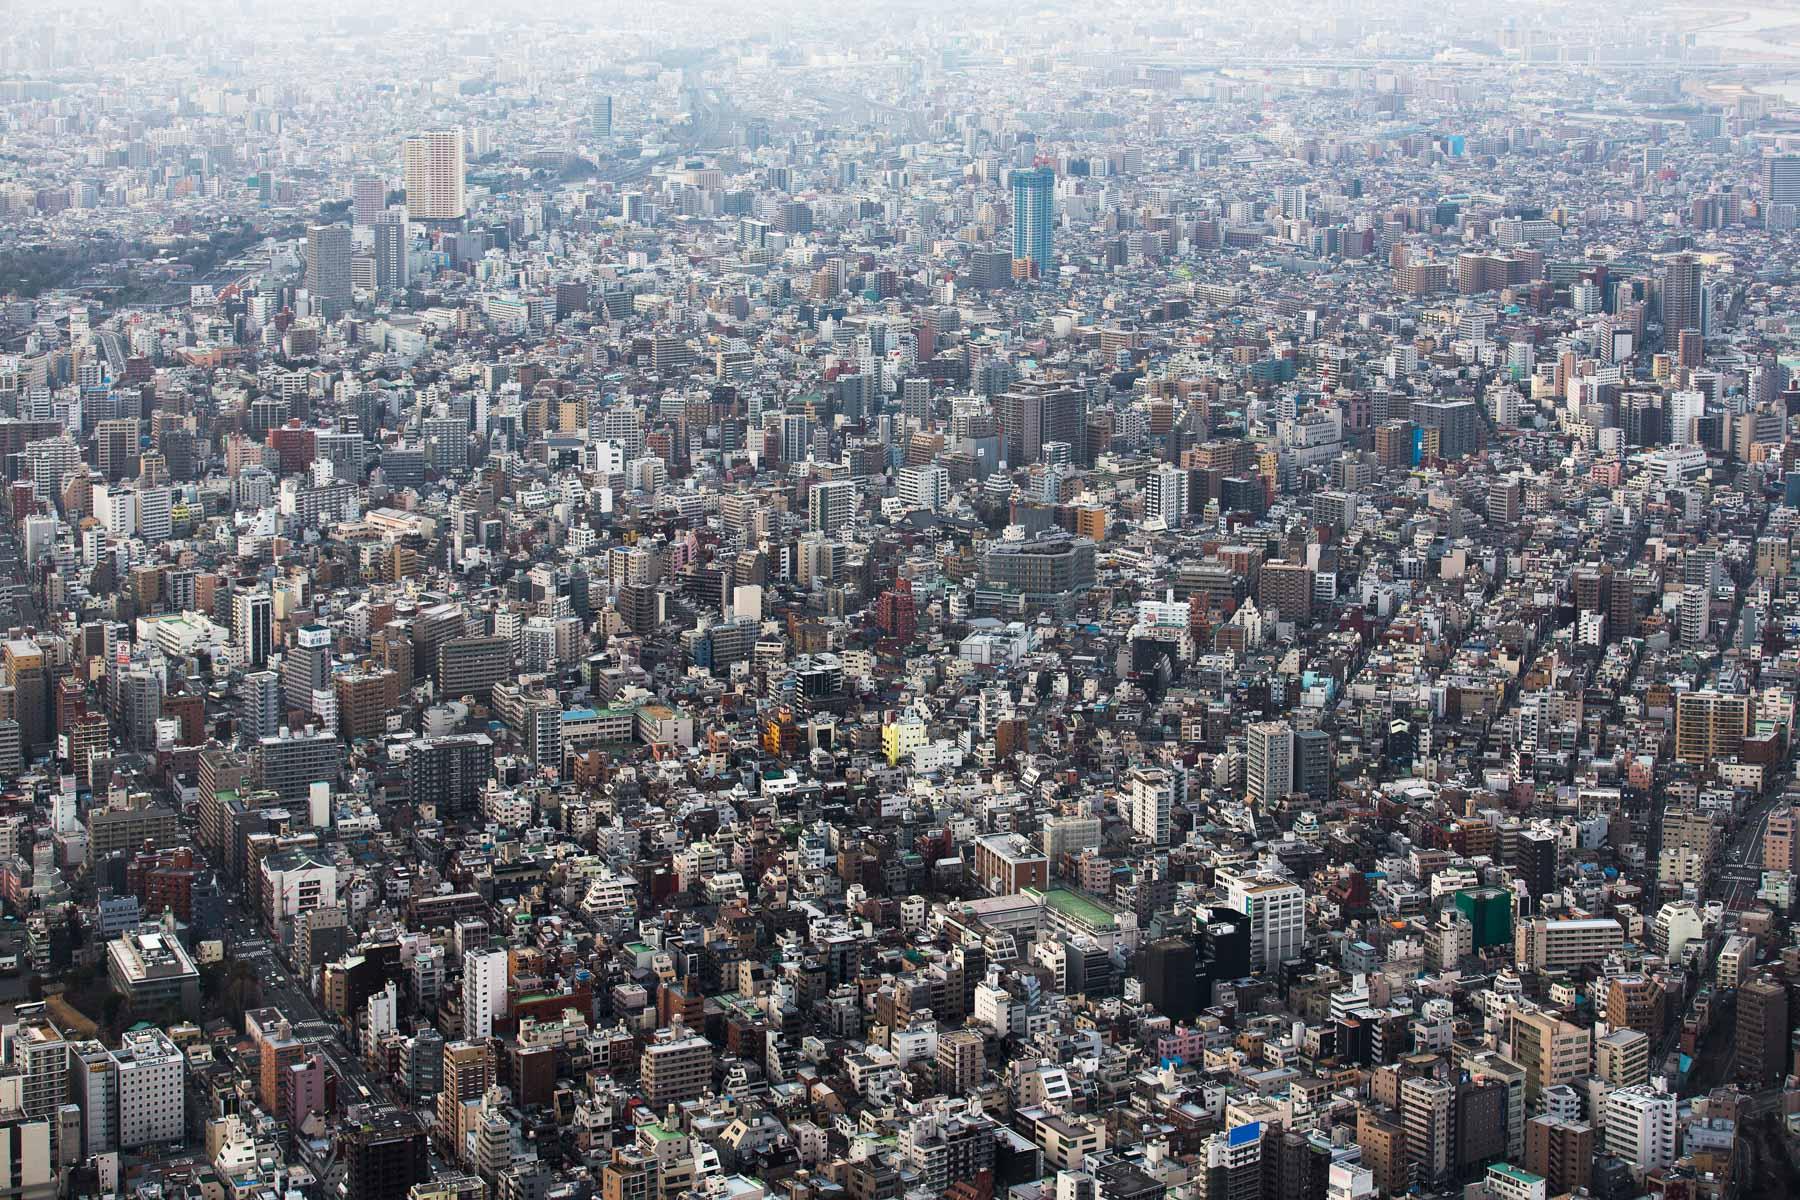 Ein Blick auf die Metropole der Superlative Tokio/ Japan, 2014